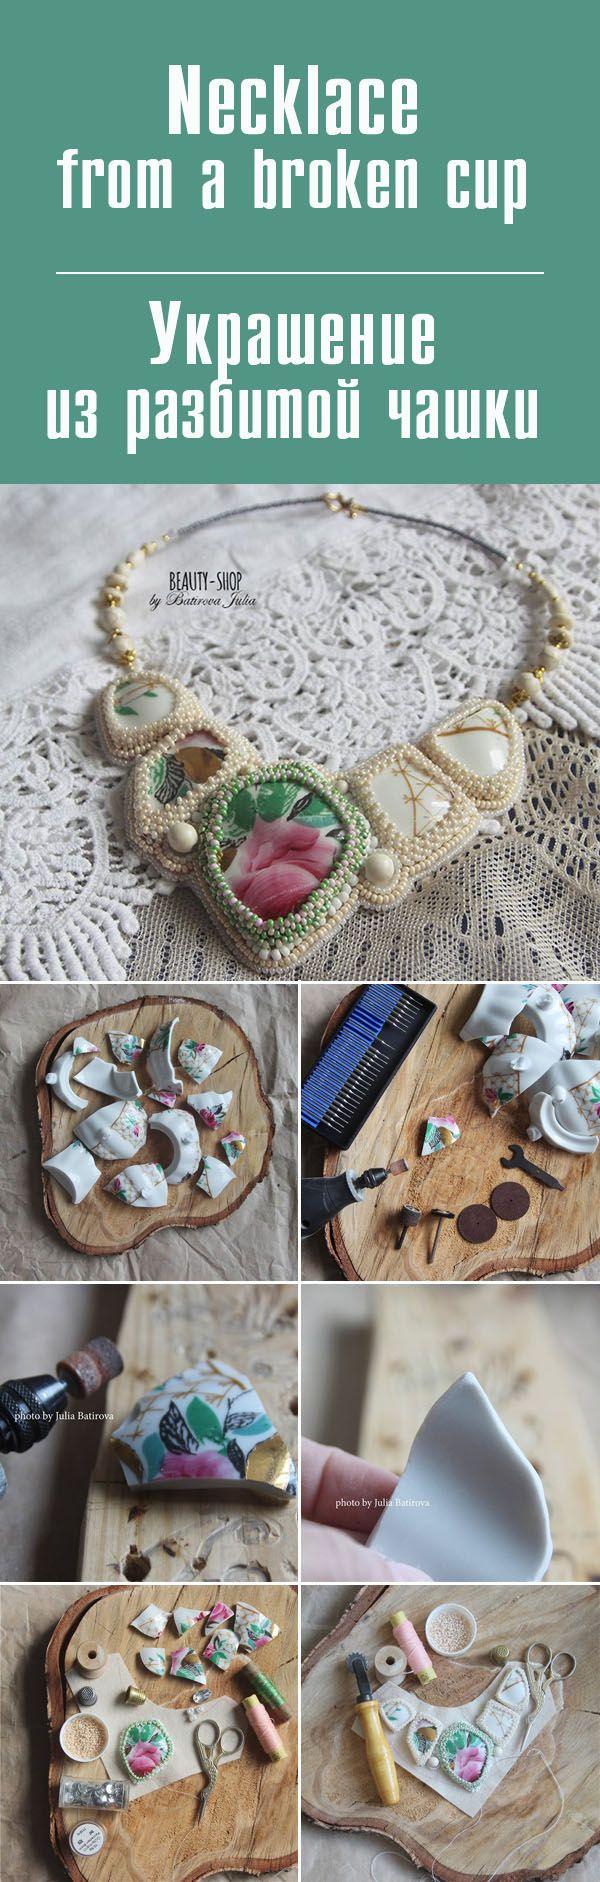 Делаем ожерелье из осколков фарфоровой чашки / Necklace from a broken teacup…